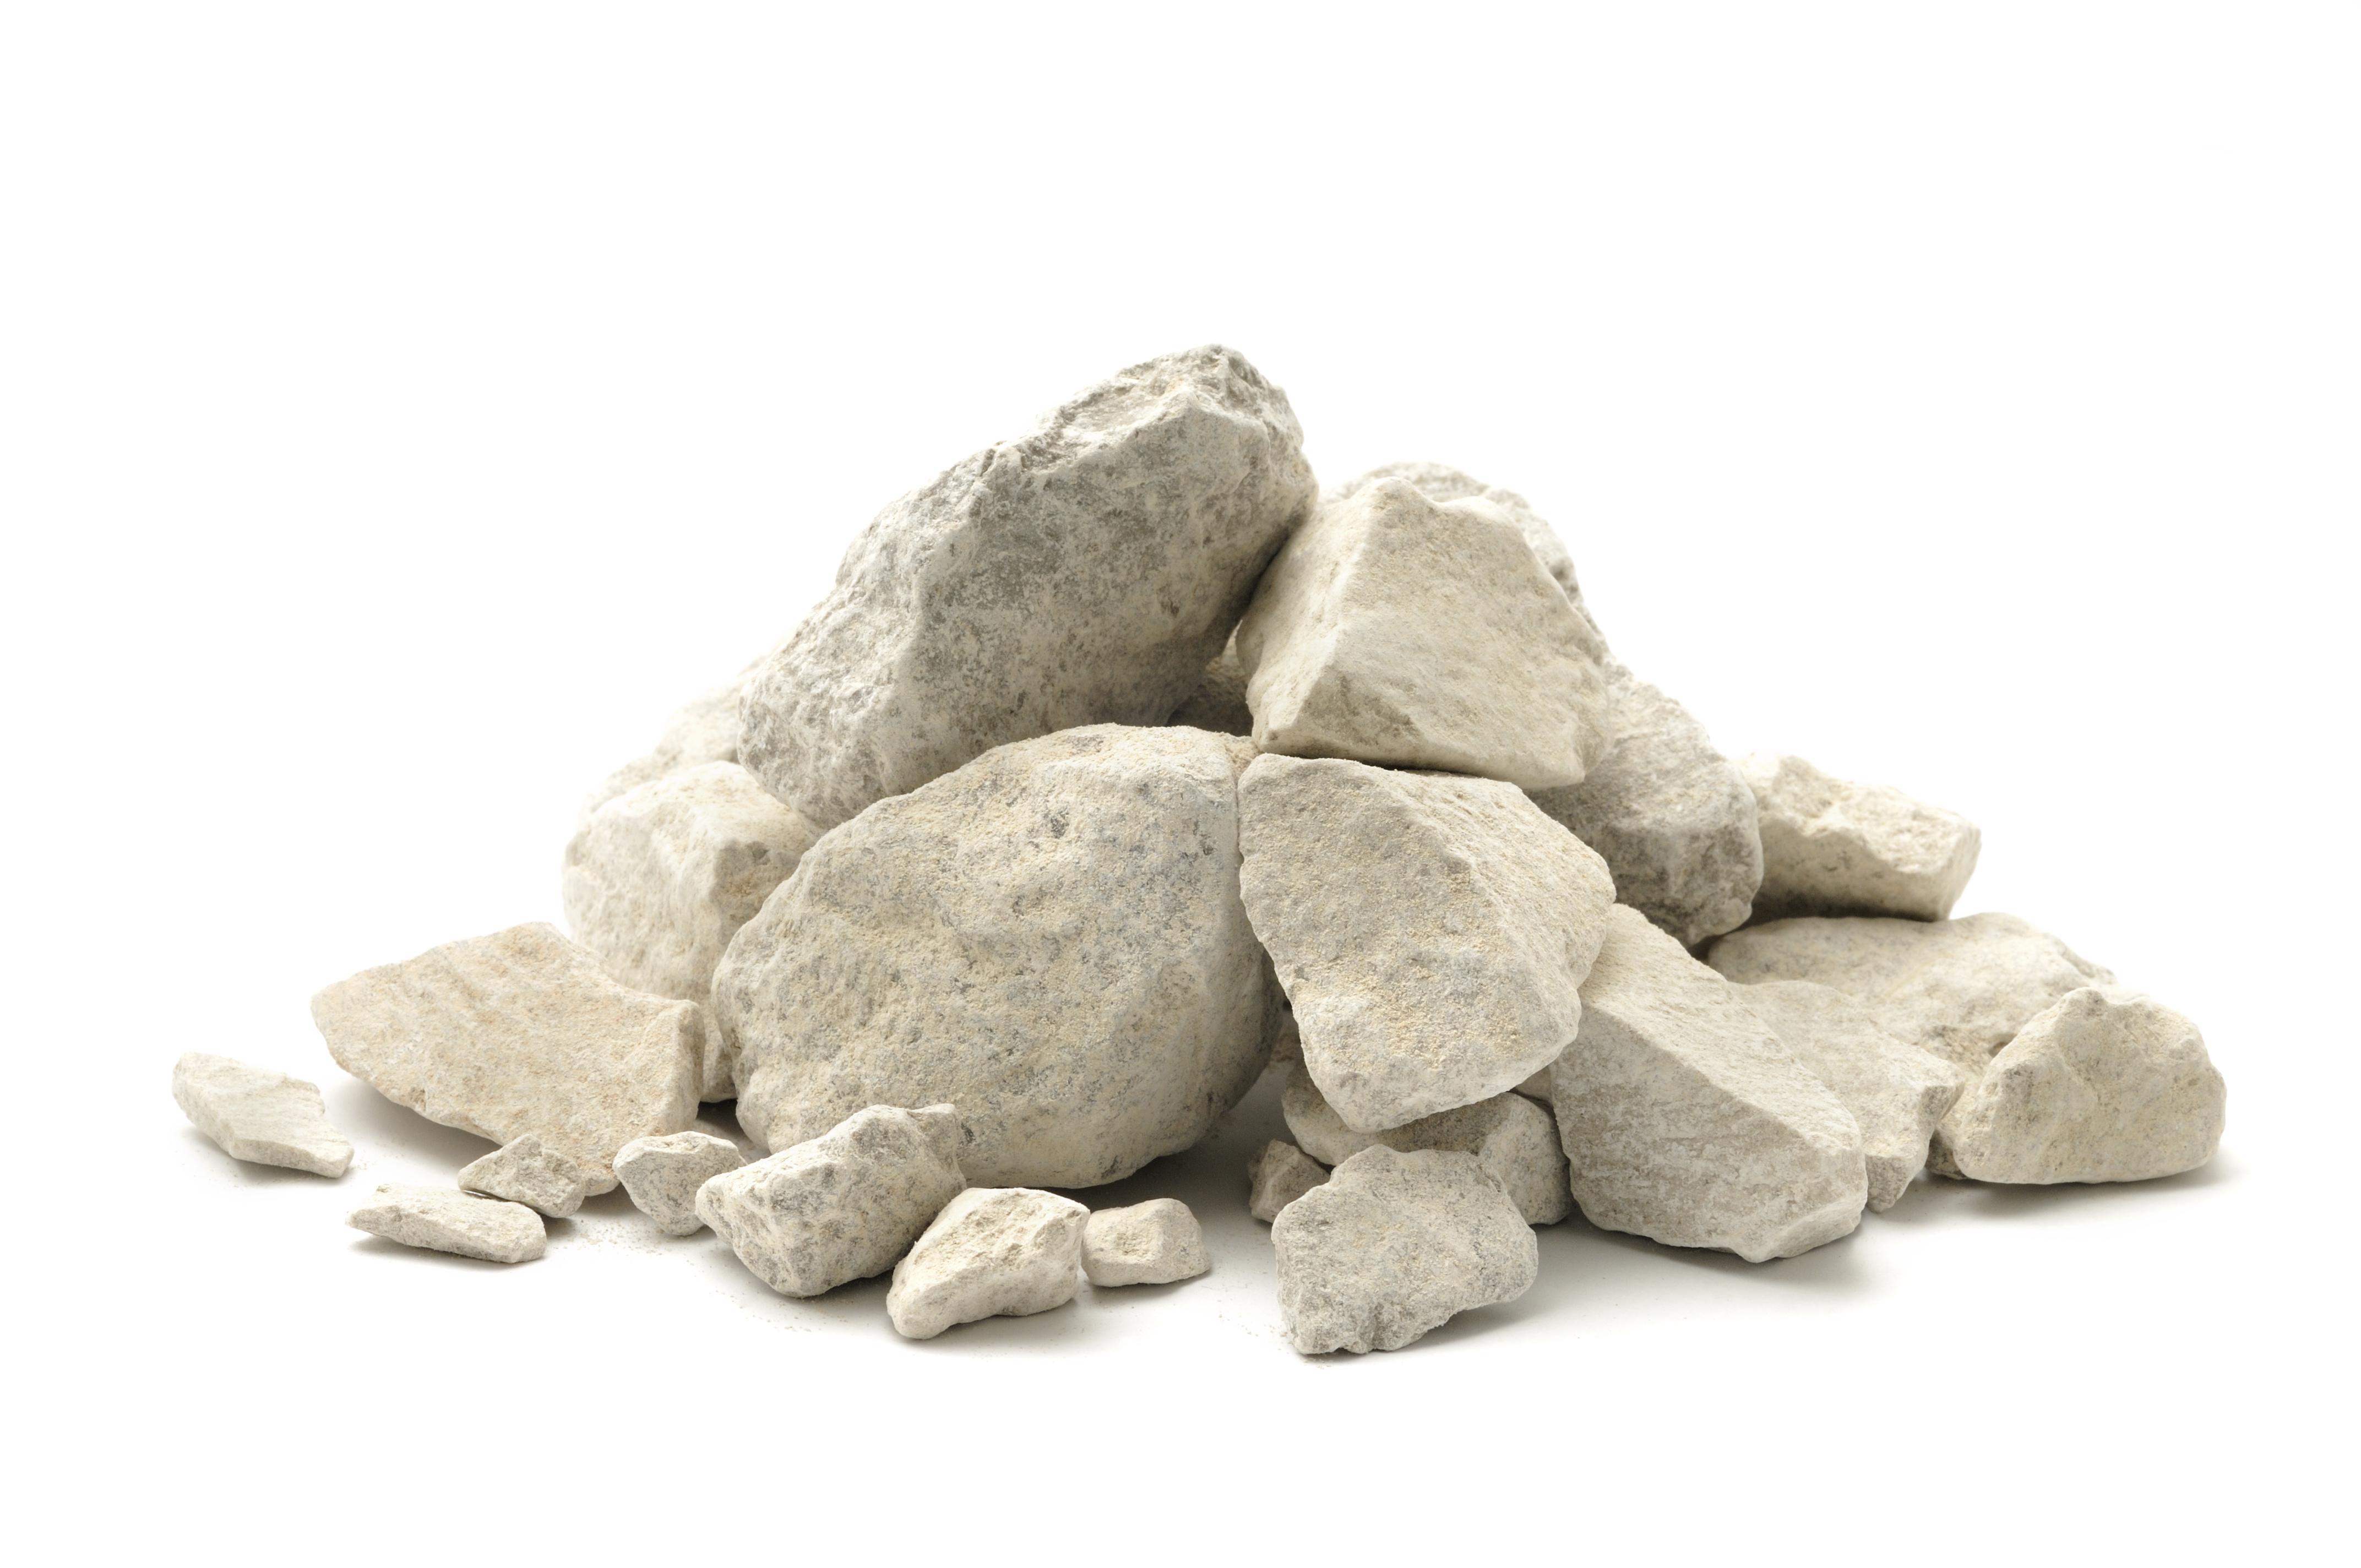 <p><strong>Скали</strong><br /> Не се притеснявайте да си вземете камъче от някое място. Всъщност, защо камъче, имате право на цяла скала.</p>